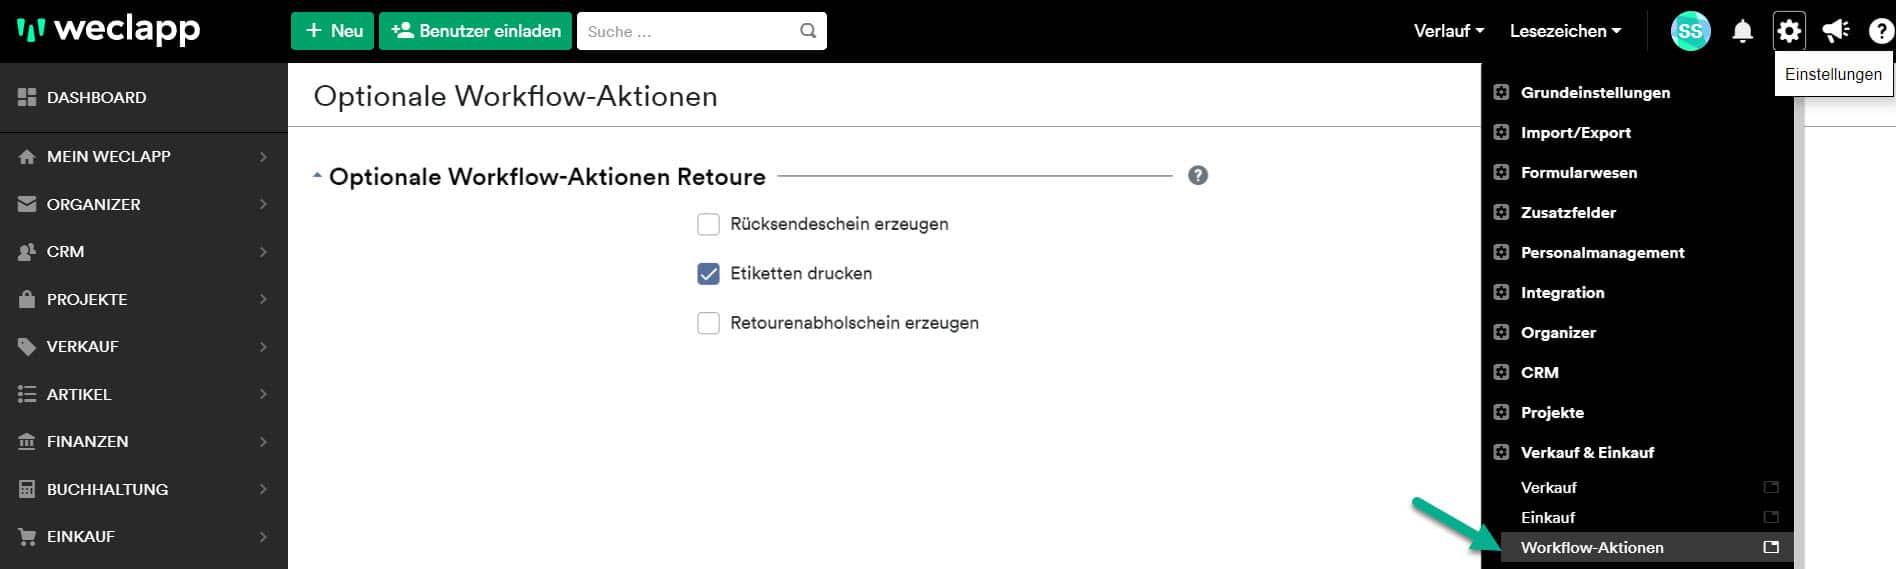 Retoure opt. Workflow